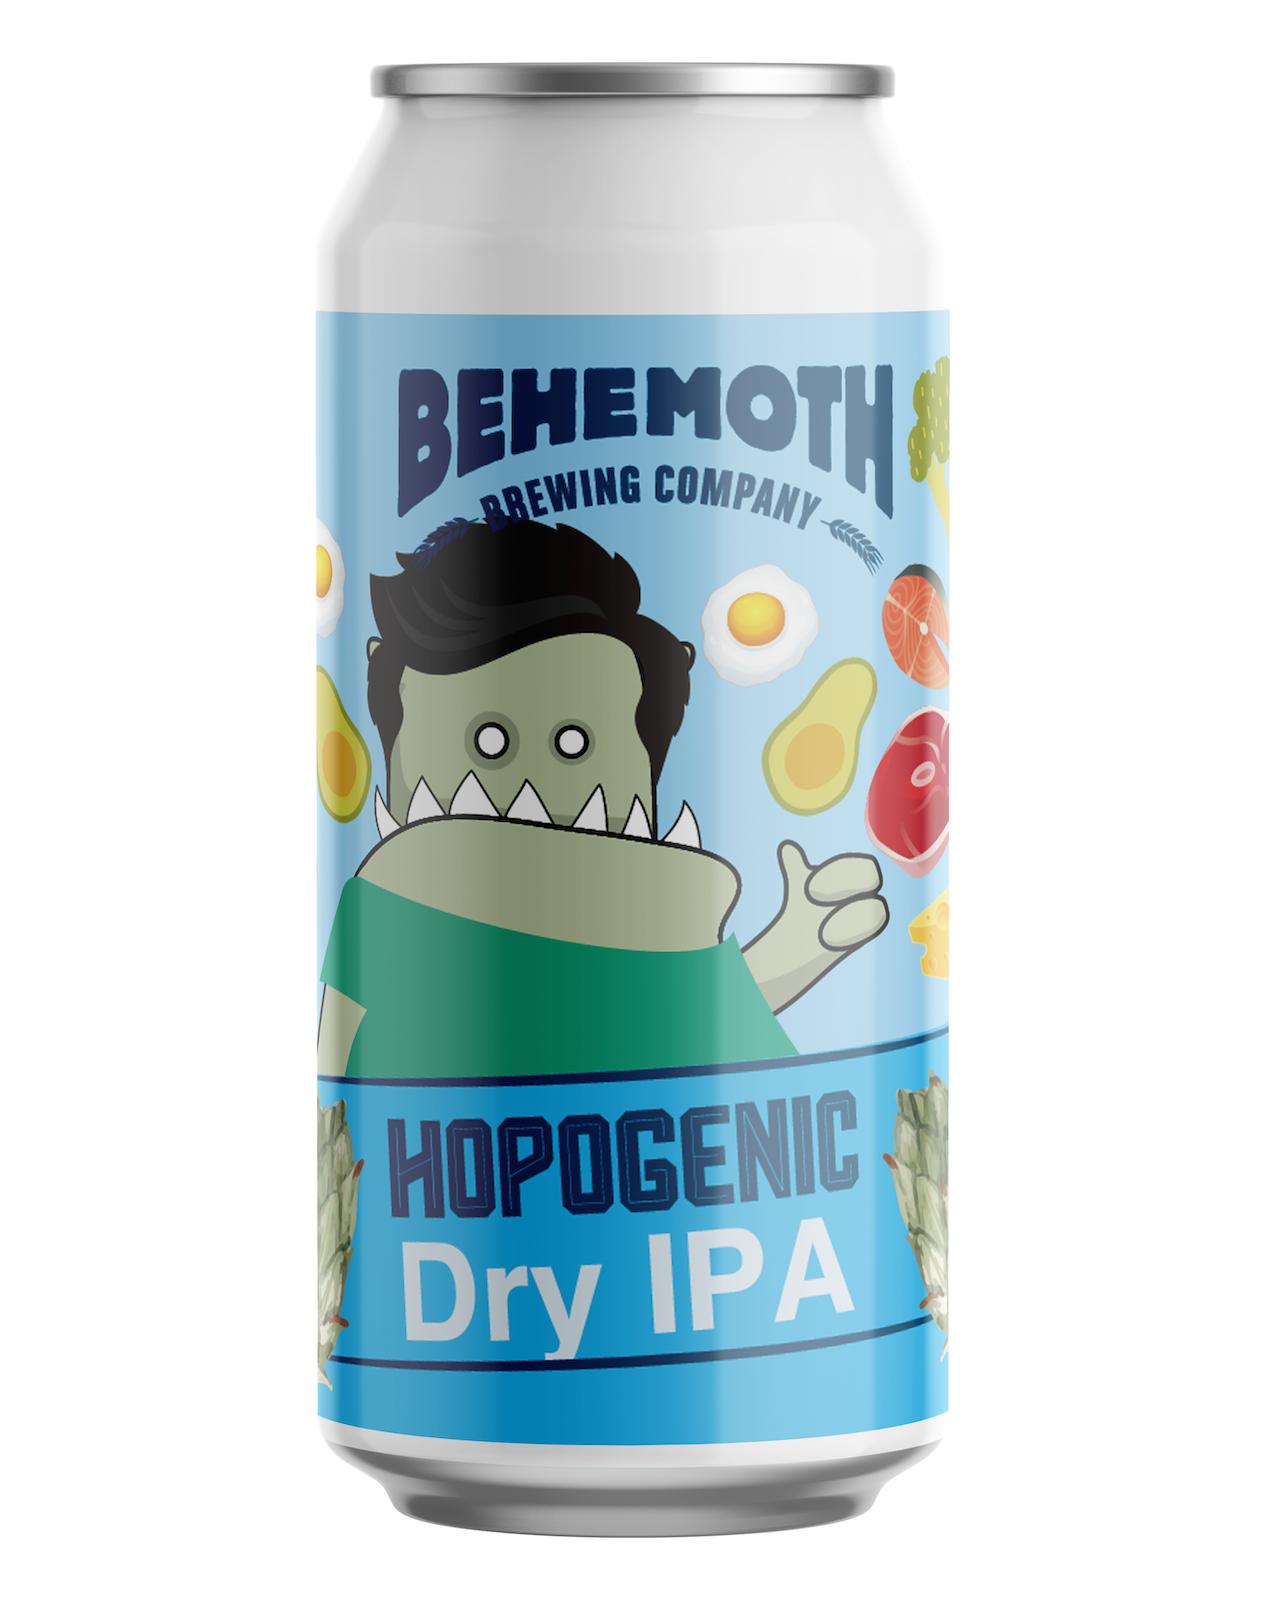 Hopogenic Dry IPA